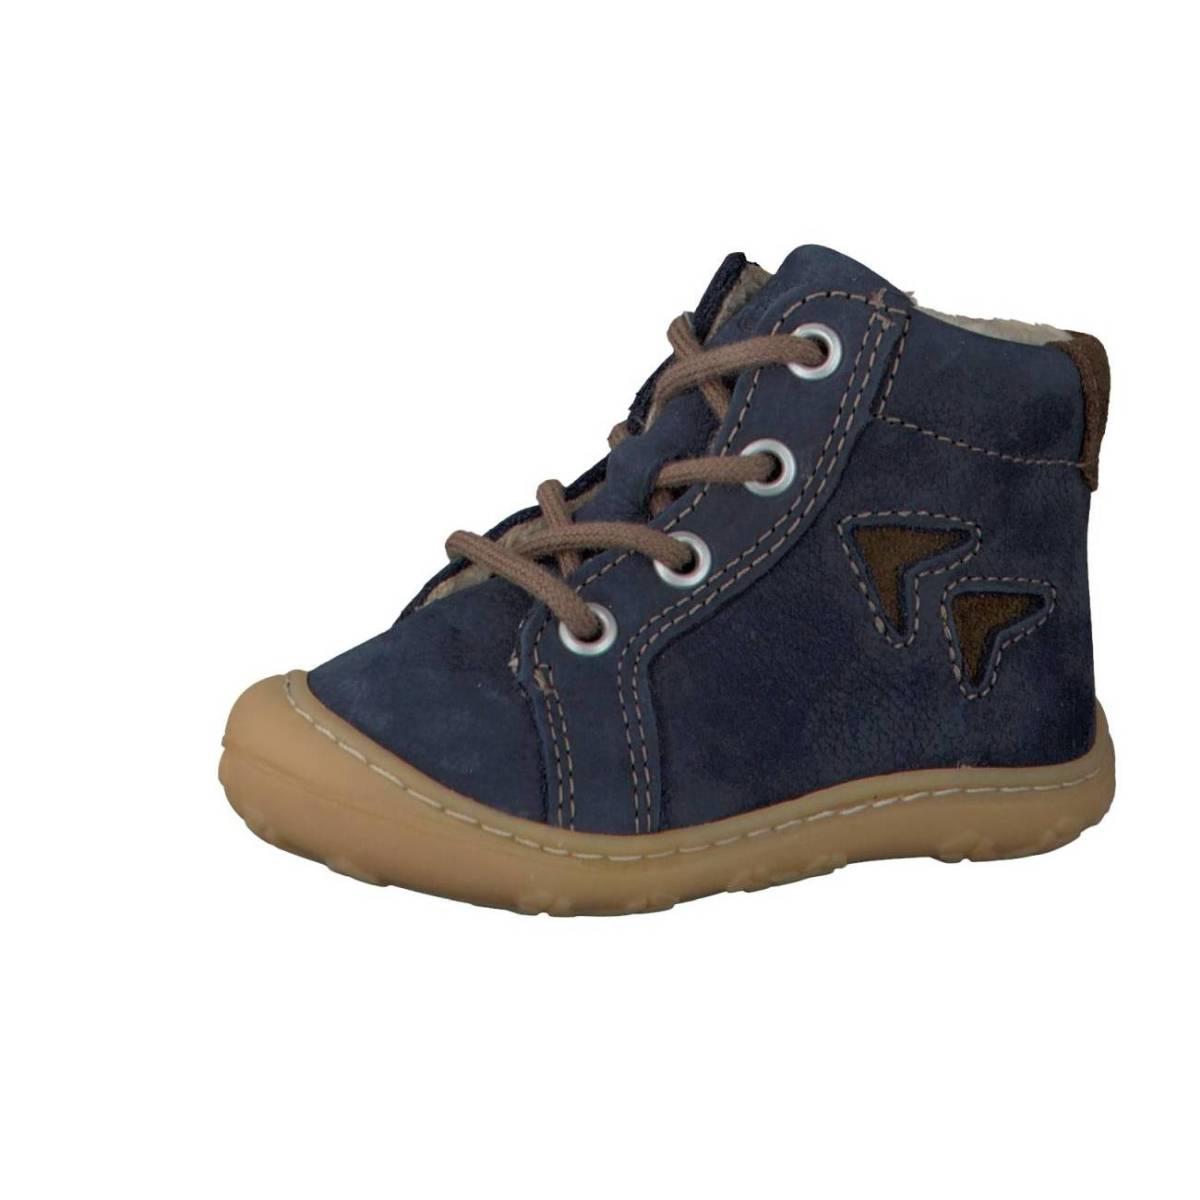 Ricosta Pepino Georgie dunkelblau see Lauflernschuhe Stiefelchen Jungen Mädchen